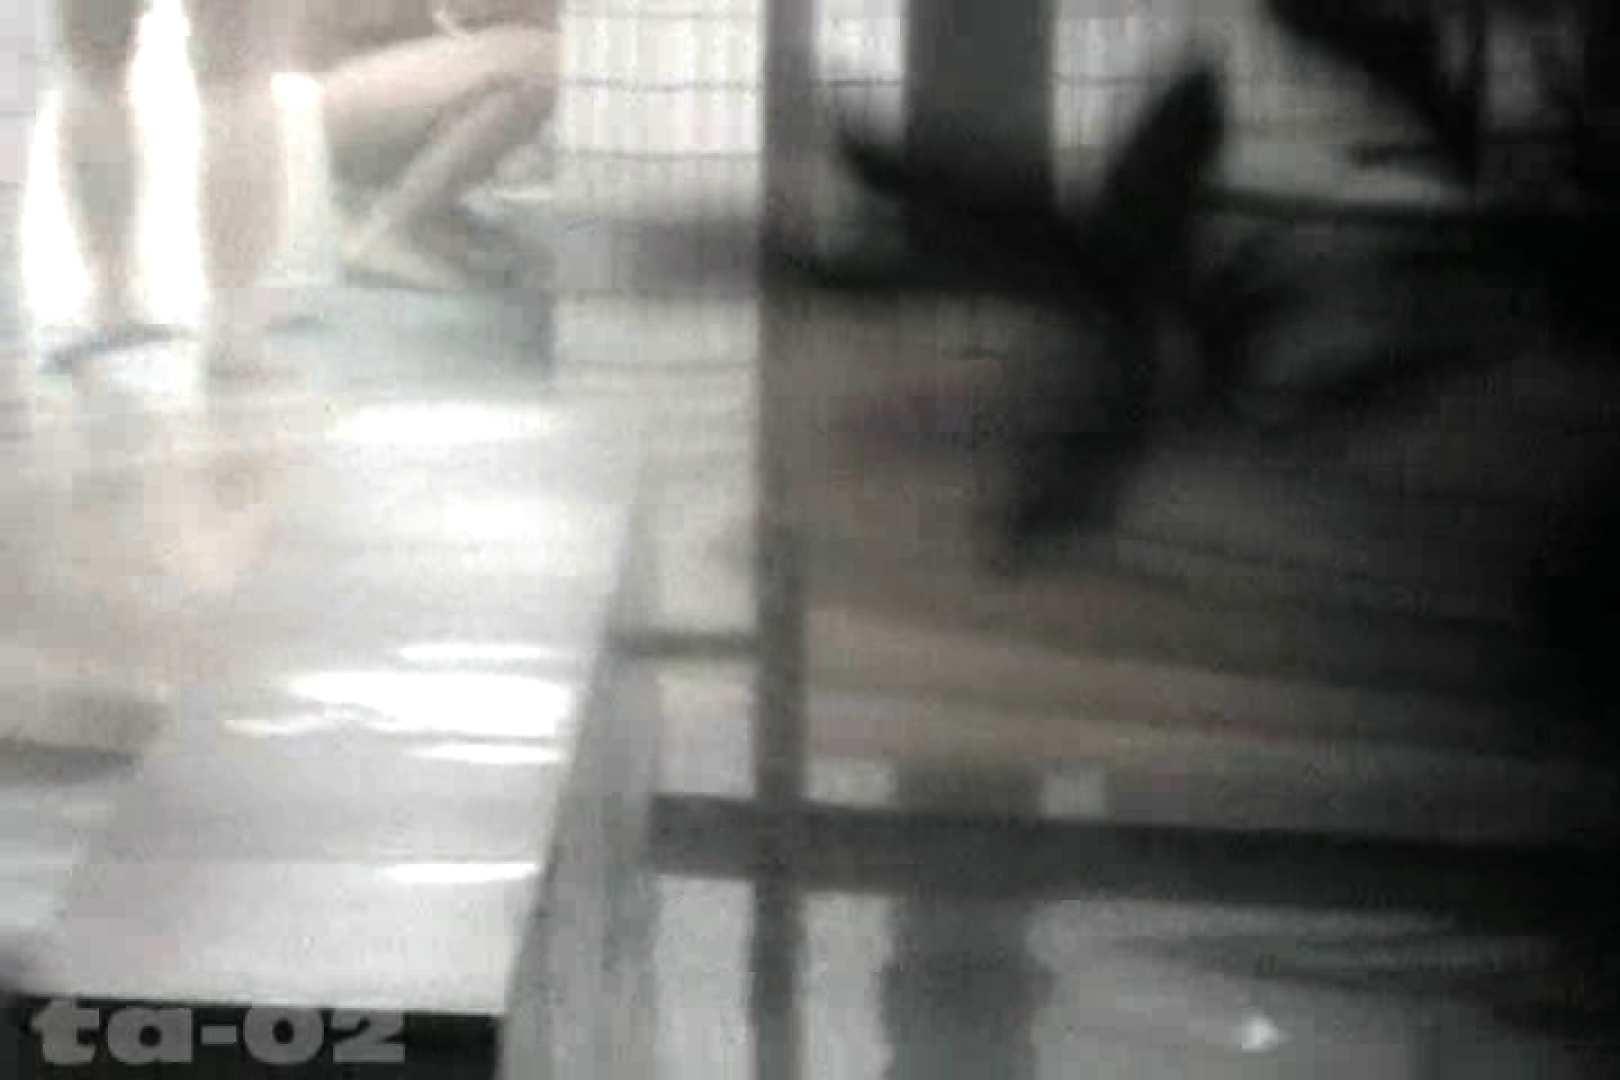 合宿ホテル女風呂盗撮高画質版 Vol.02 盗撮で悶絶   合宿中の出来事  56画像 36